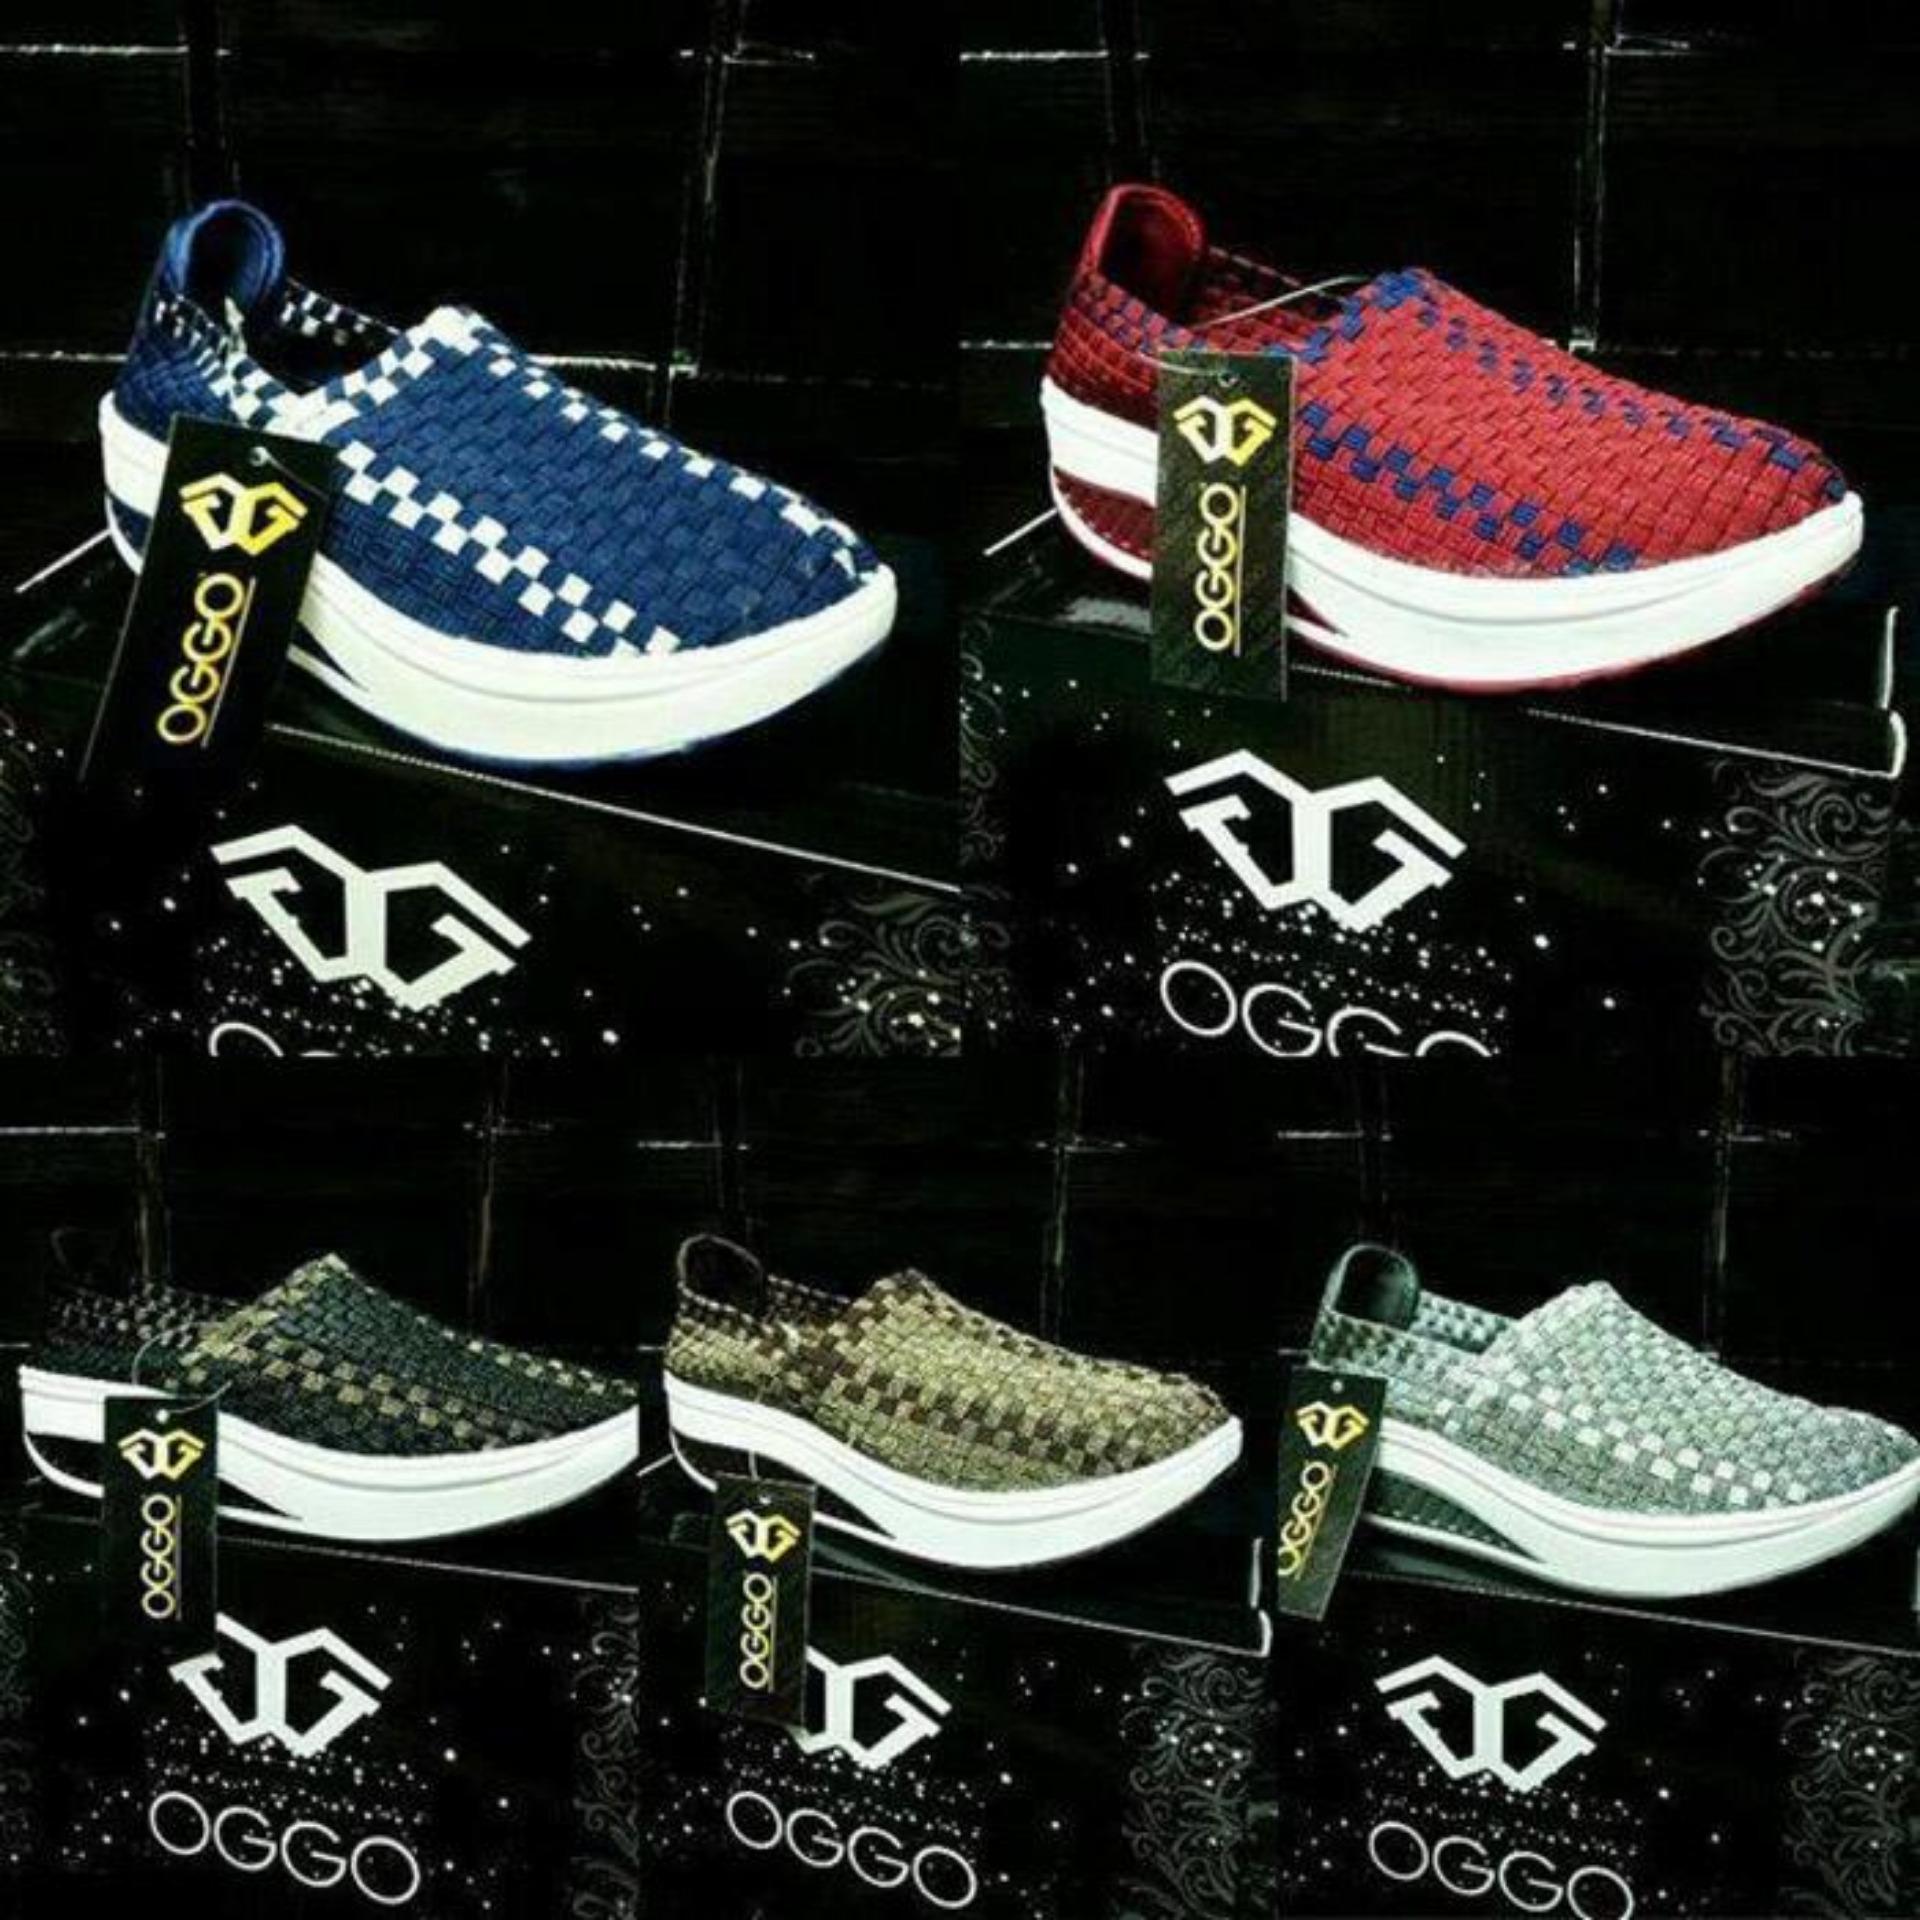 New Sepatu Anyam Kiddo Wedges Type 168 1 Daftar Harga Terlengkap Rajut Flat Include Box Semua Tipe Oggo 602 Gold